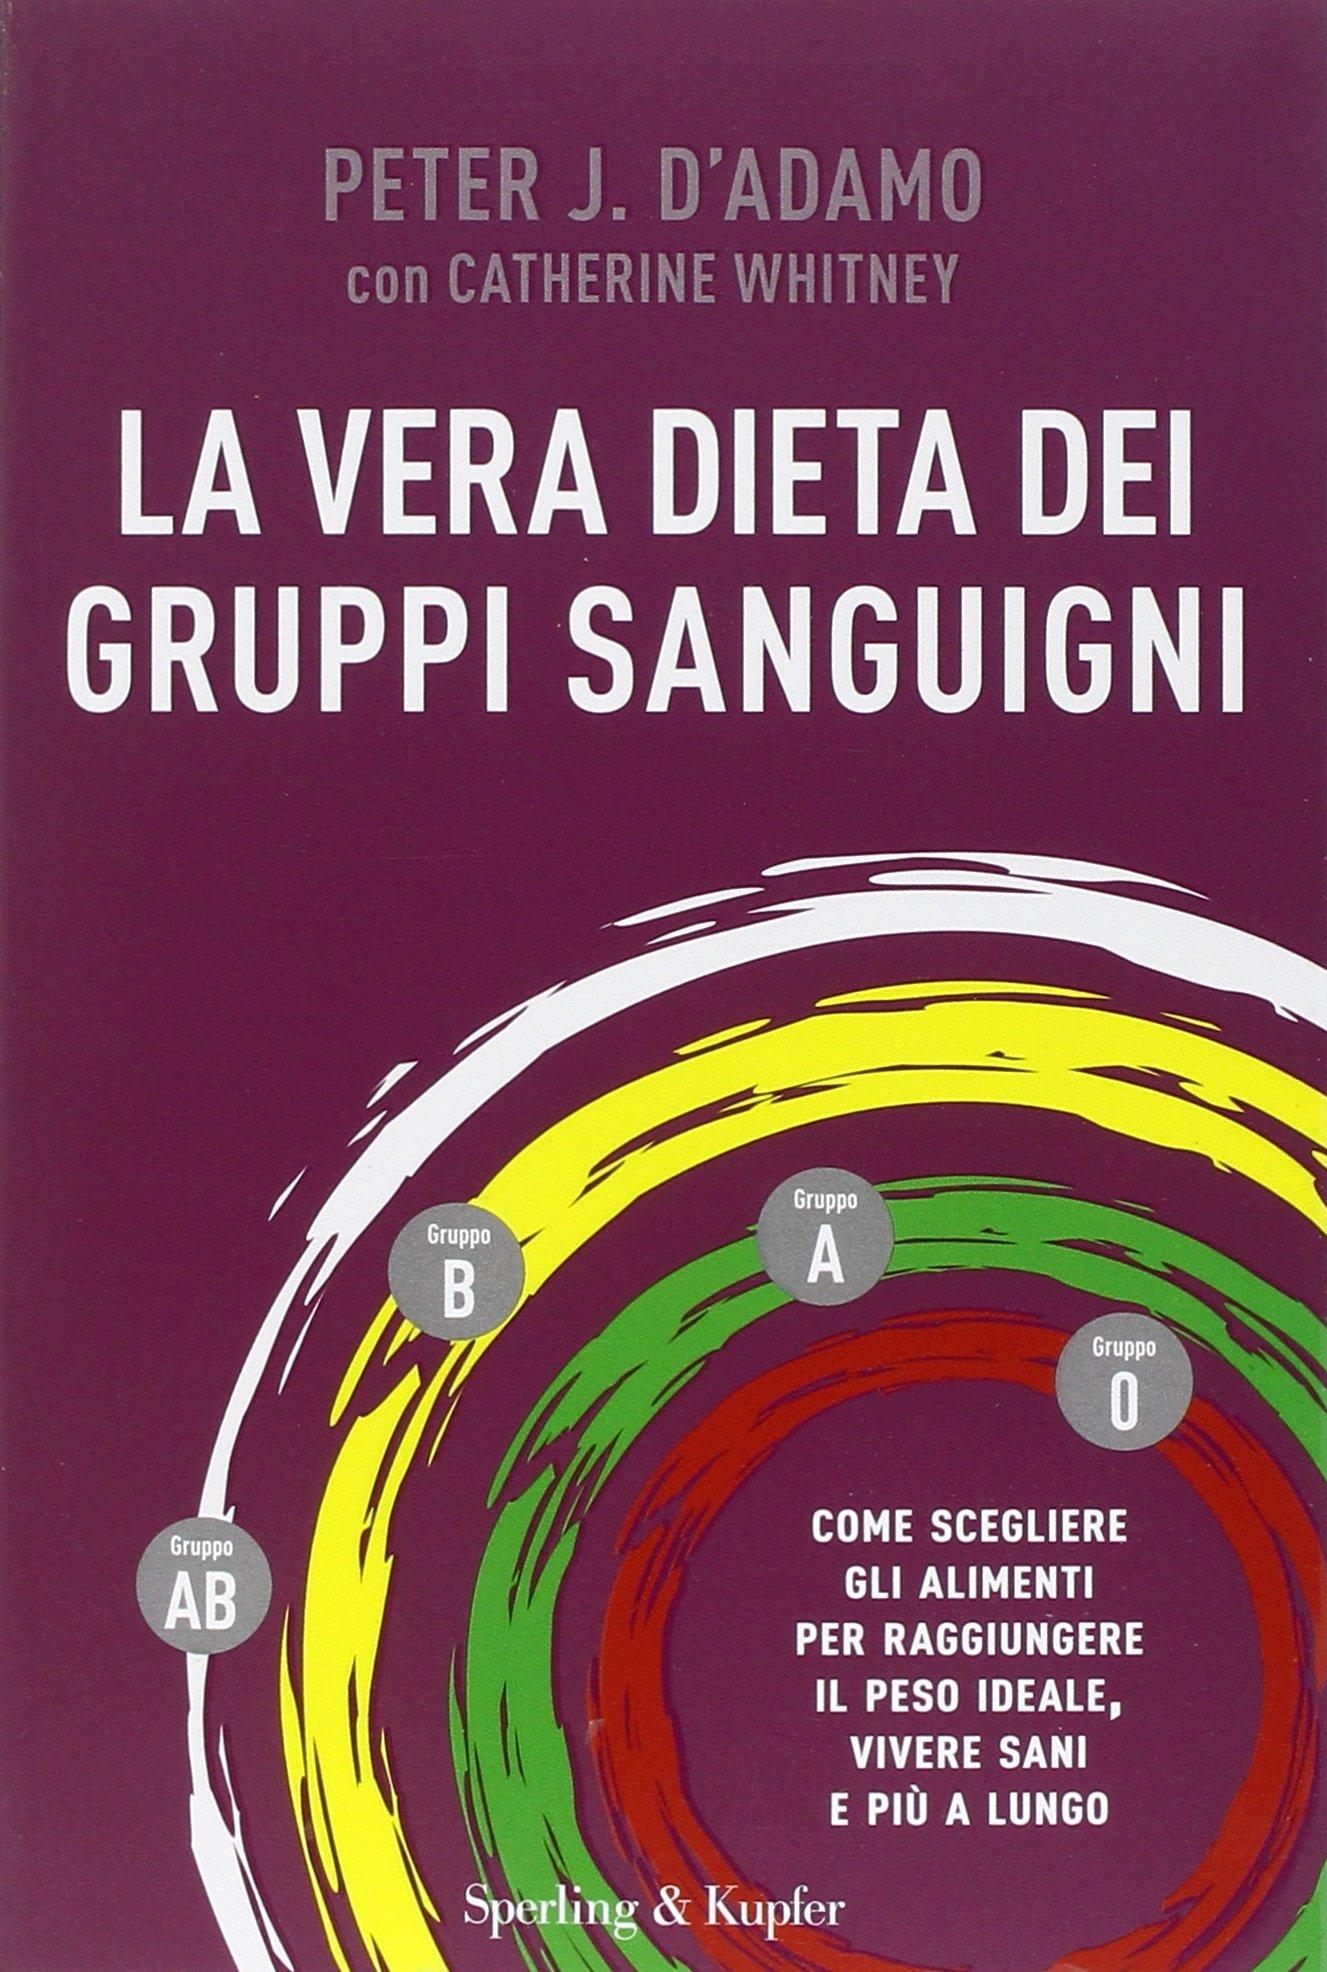 libro dieta gruppo sanguigno amazon